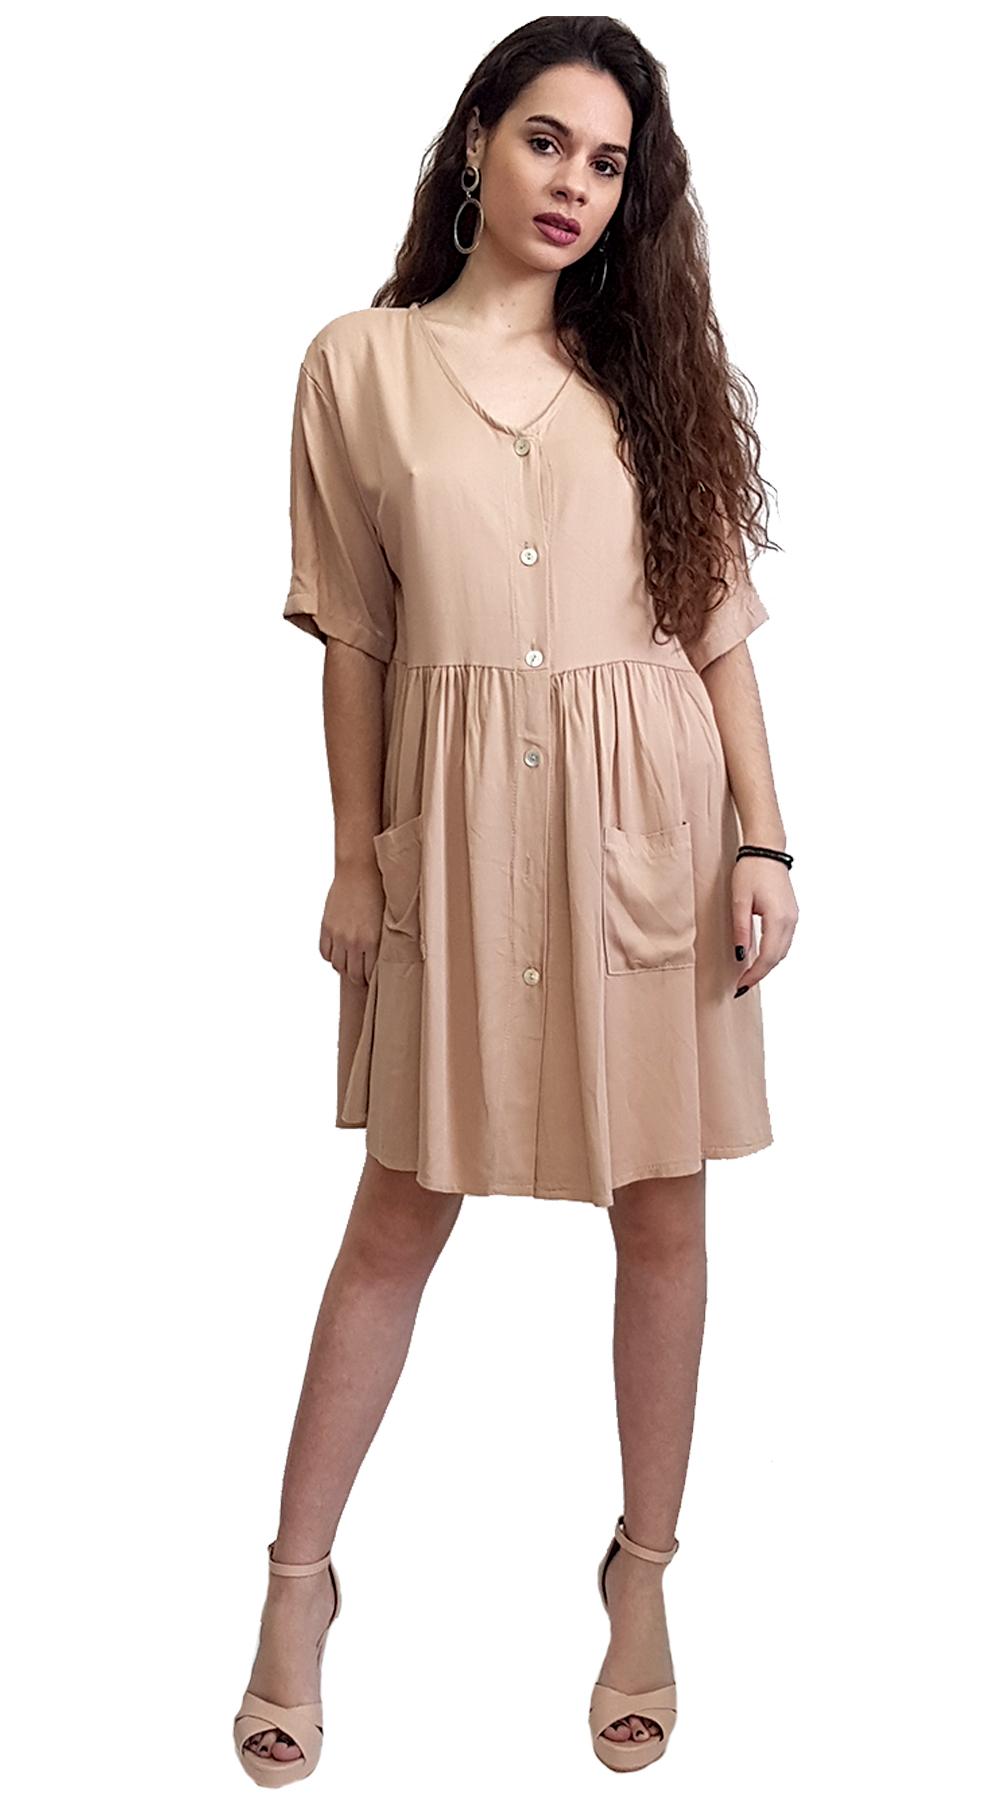 Αέρινο μίντι Φόρεμα με Κουμπιά - MissReina - SP19SOF-52828 φορέματα so girly